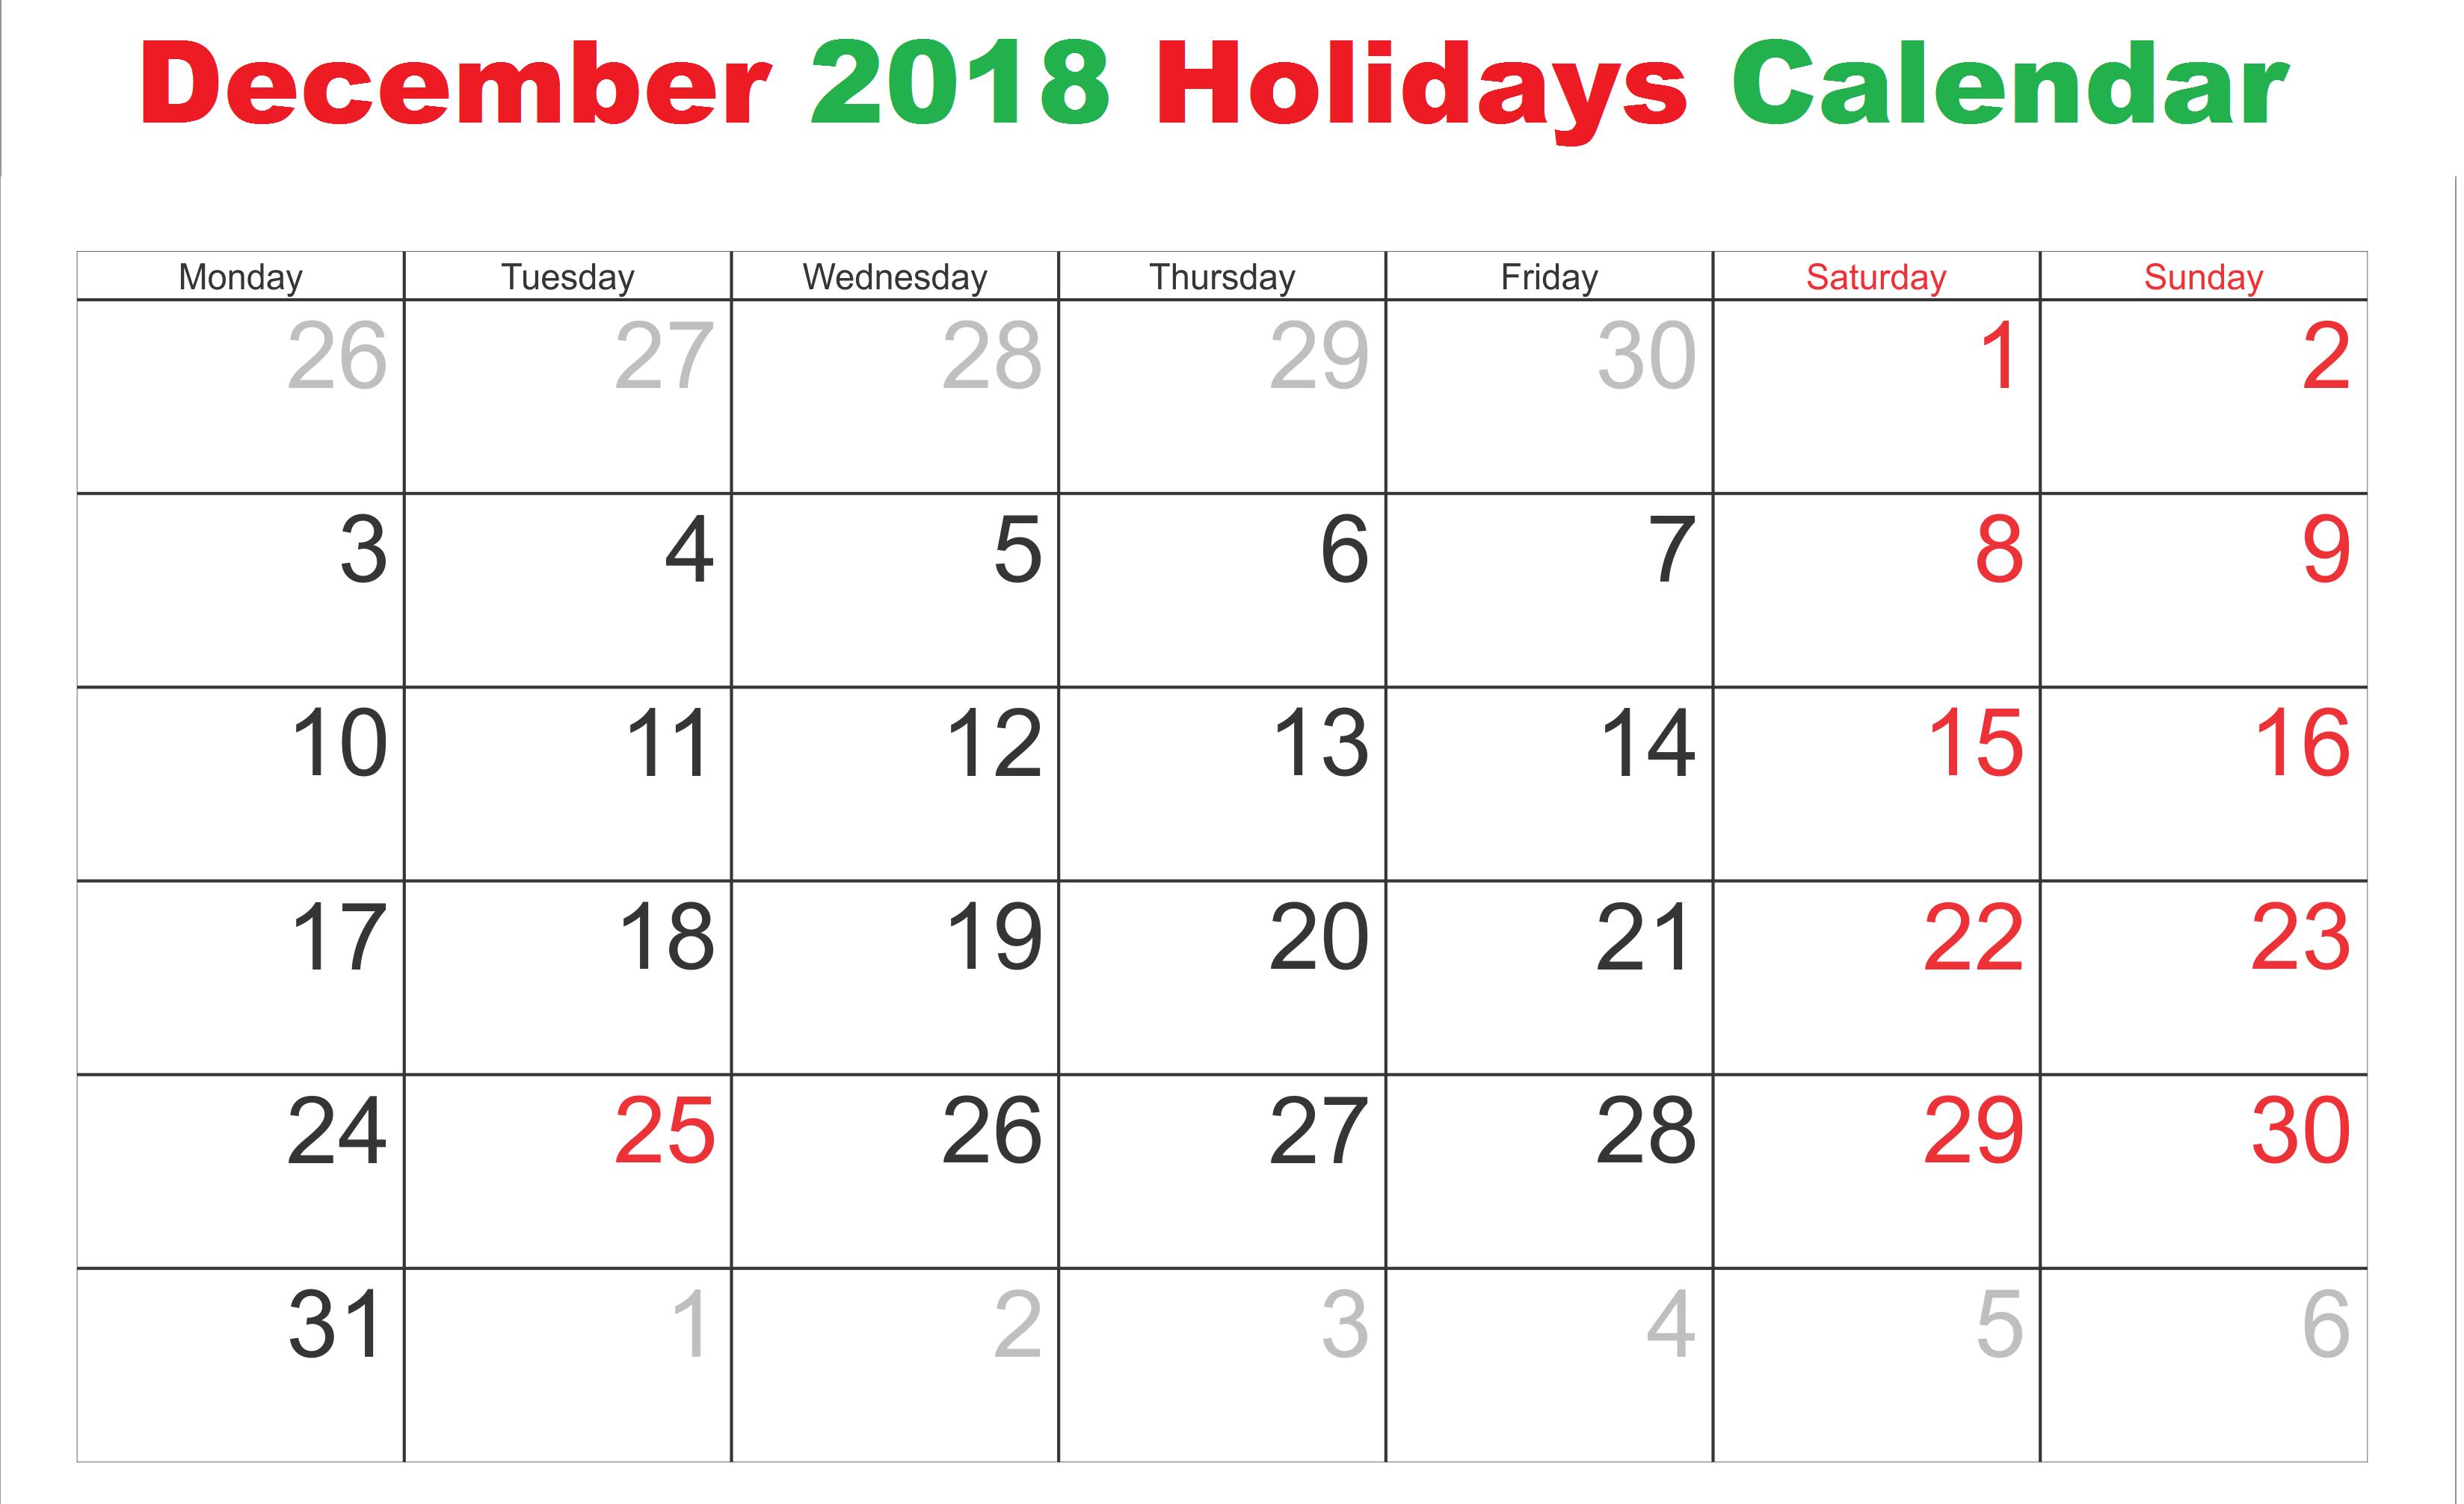 december 2018 calendar usa national holidays usa2018calendar usaholidayscalendar usadecember2018calendar